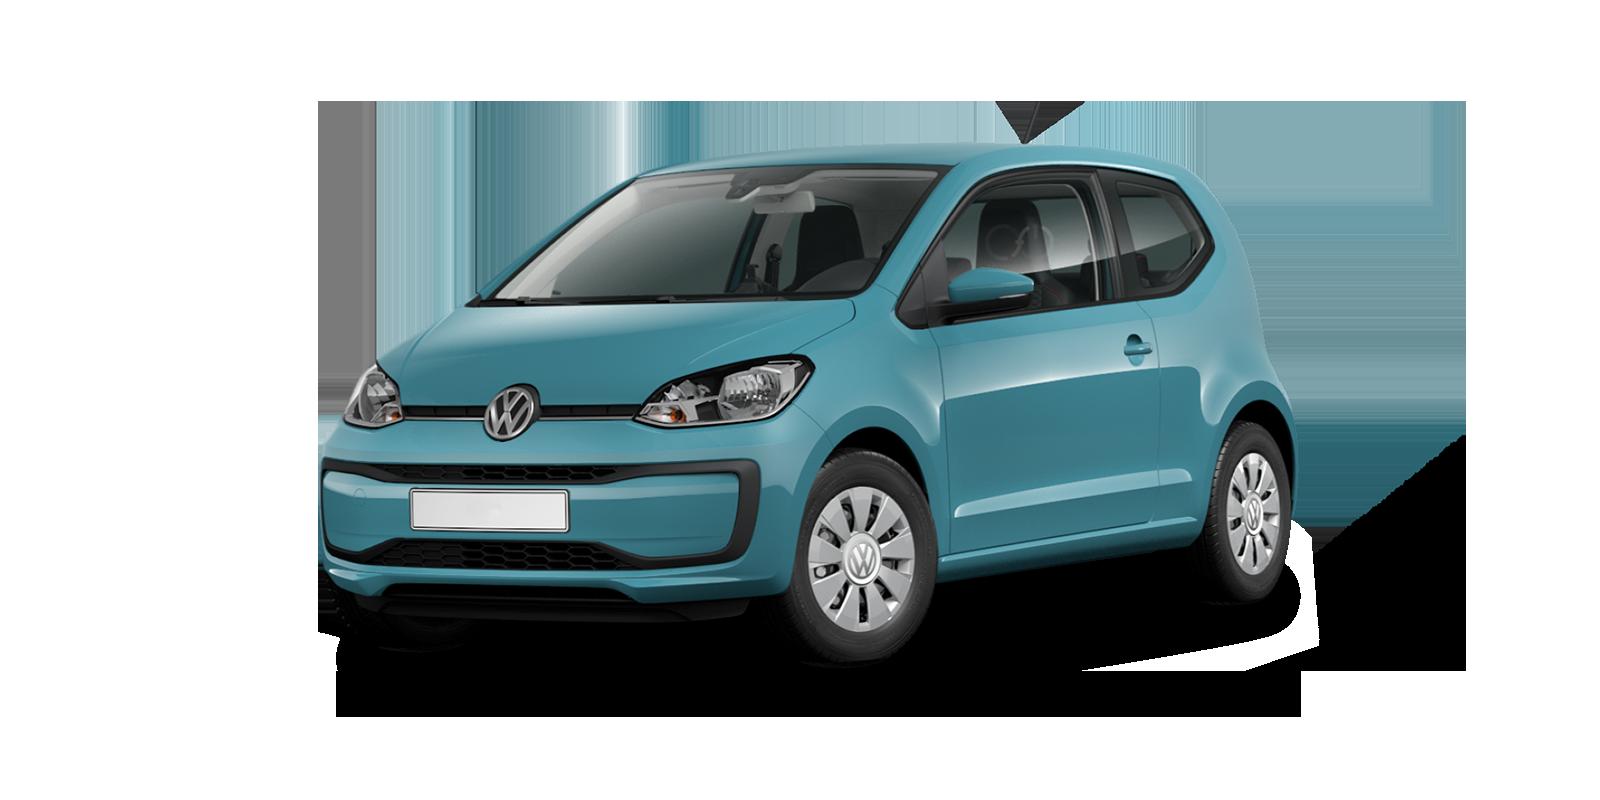 Caractéristiques de la  Volkswagen e-up! électrique